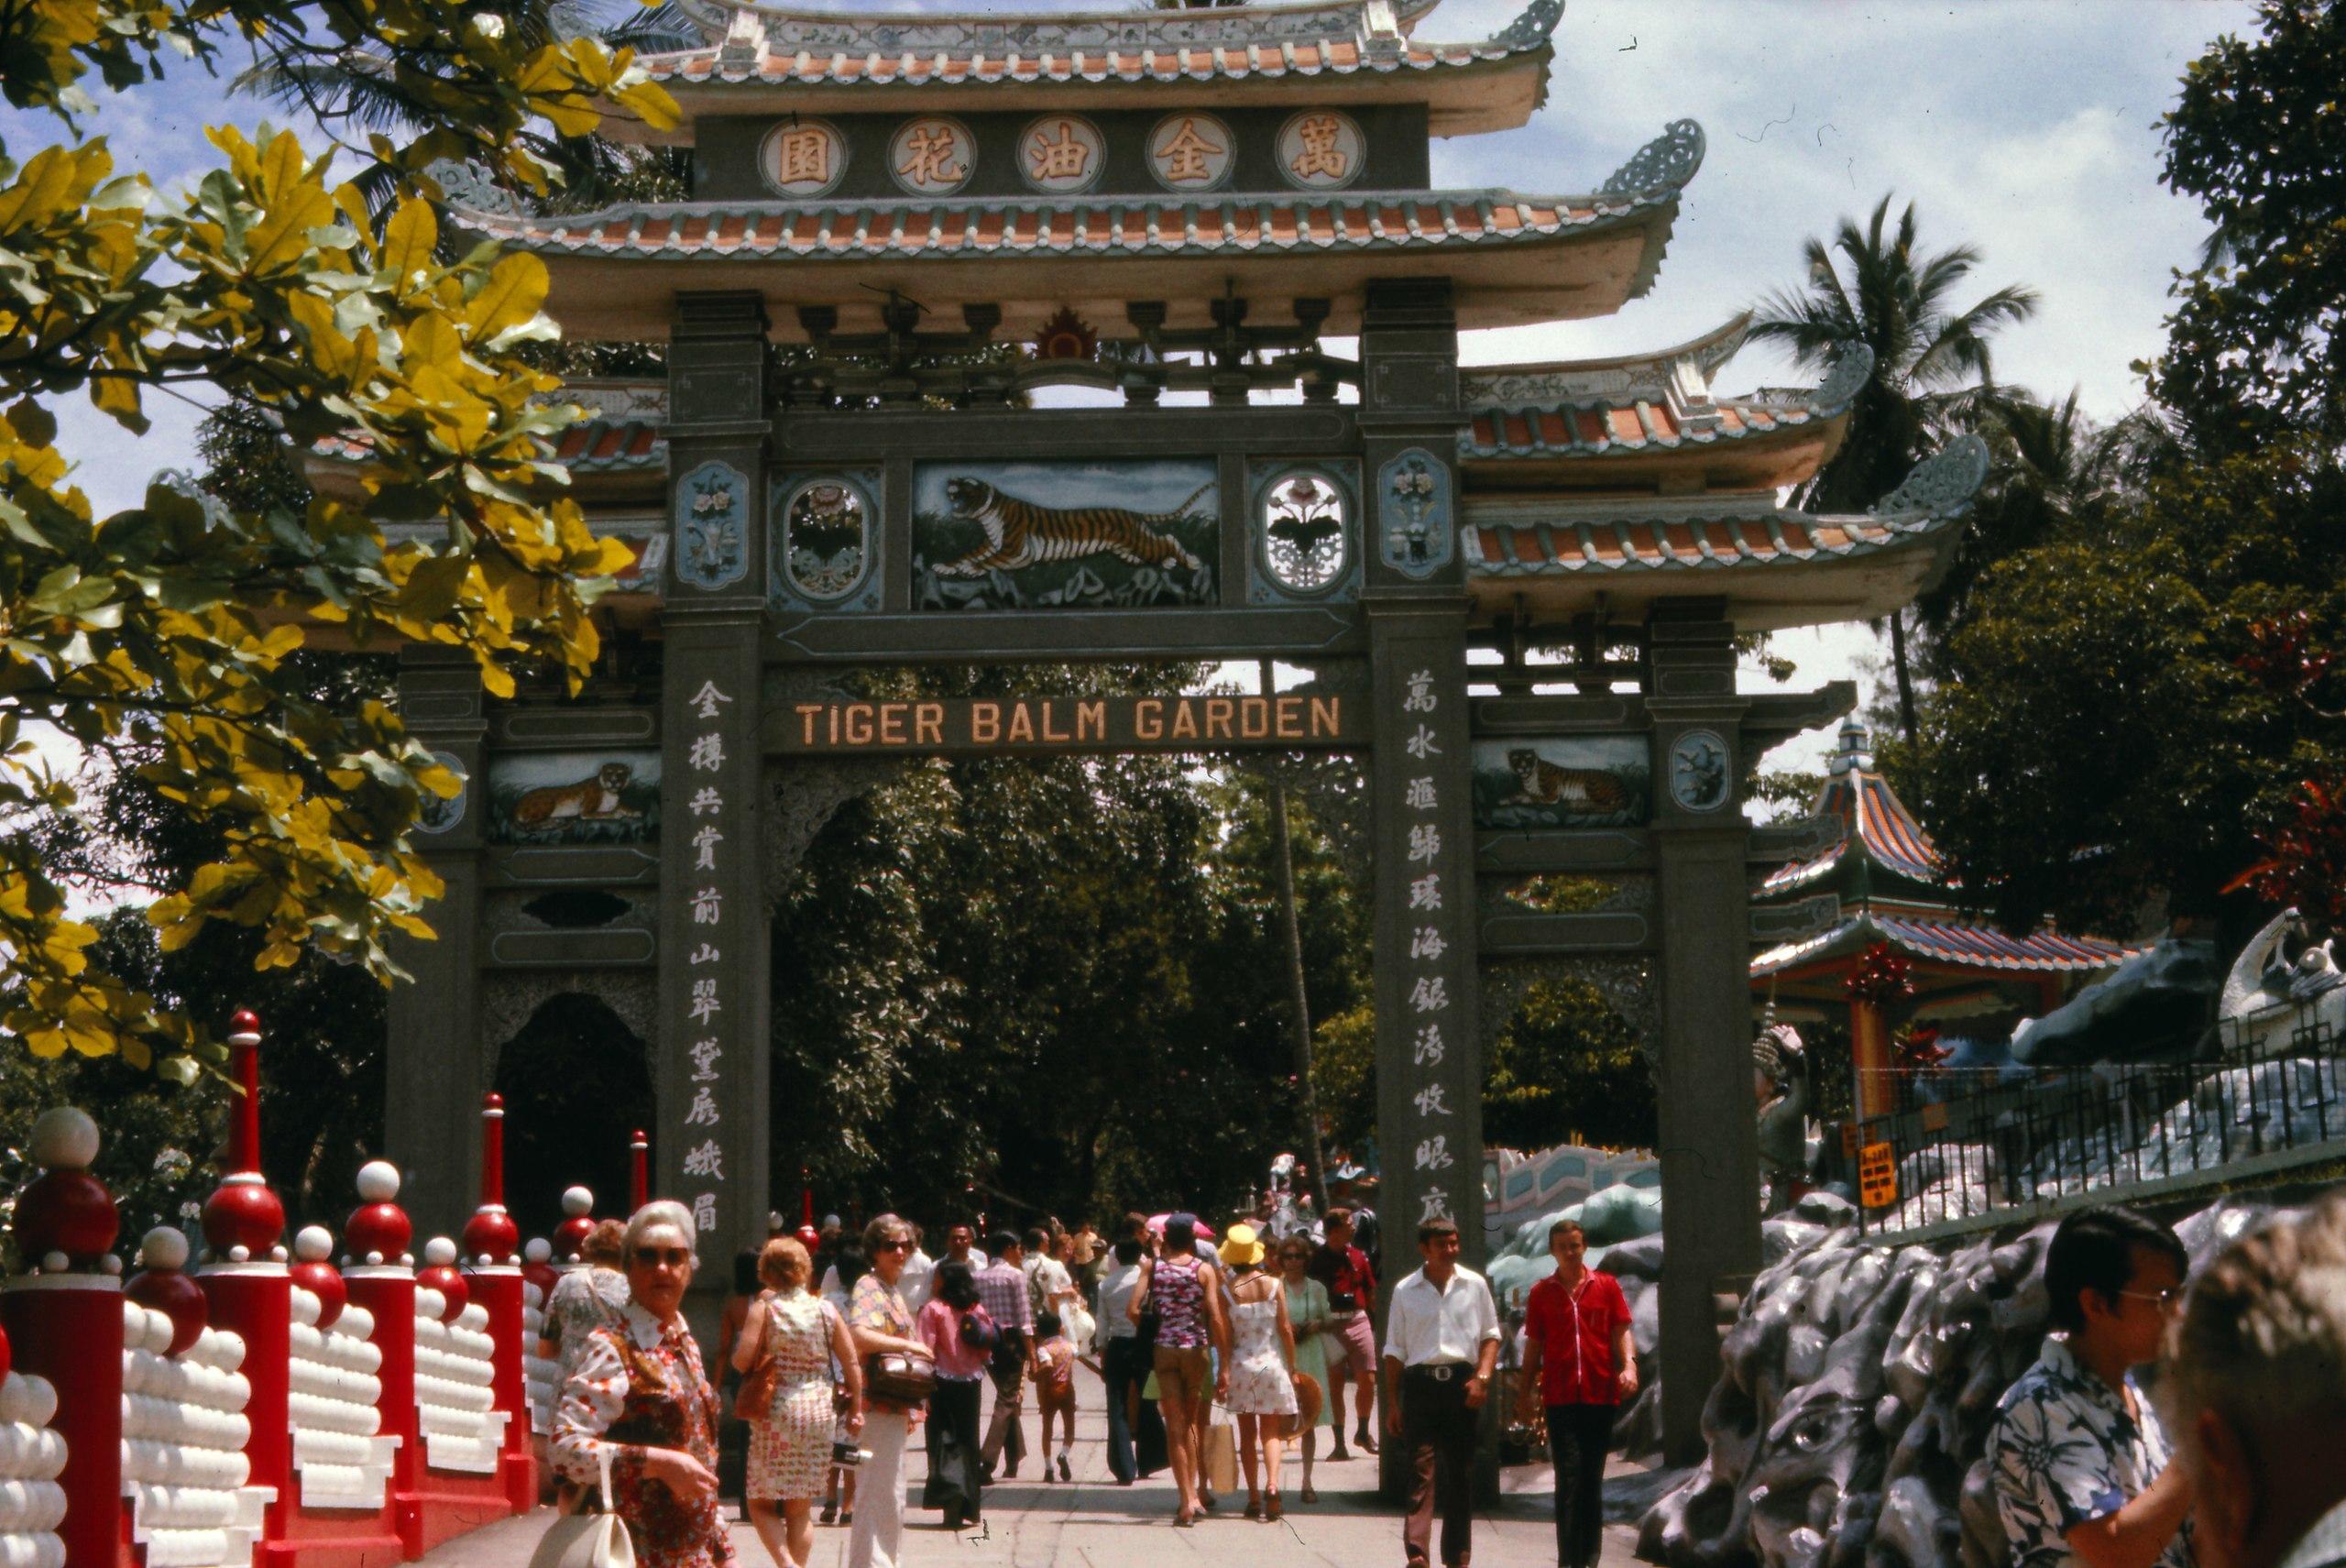 Tiger Balm Garden, Tai Hang